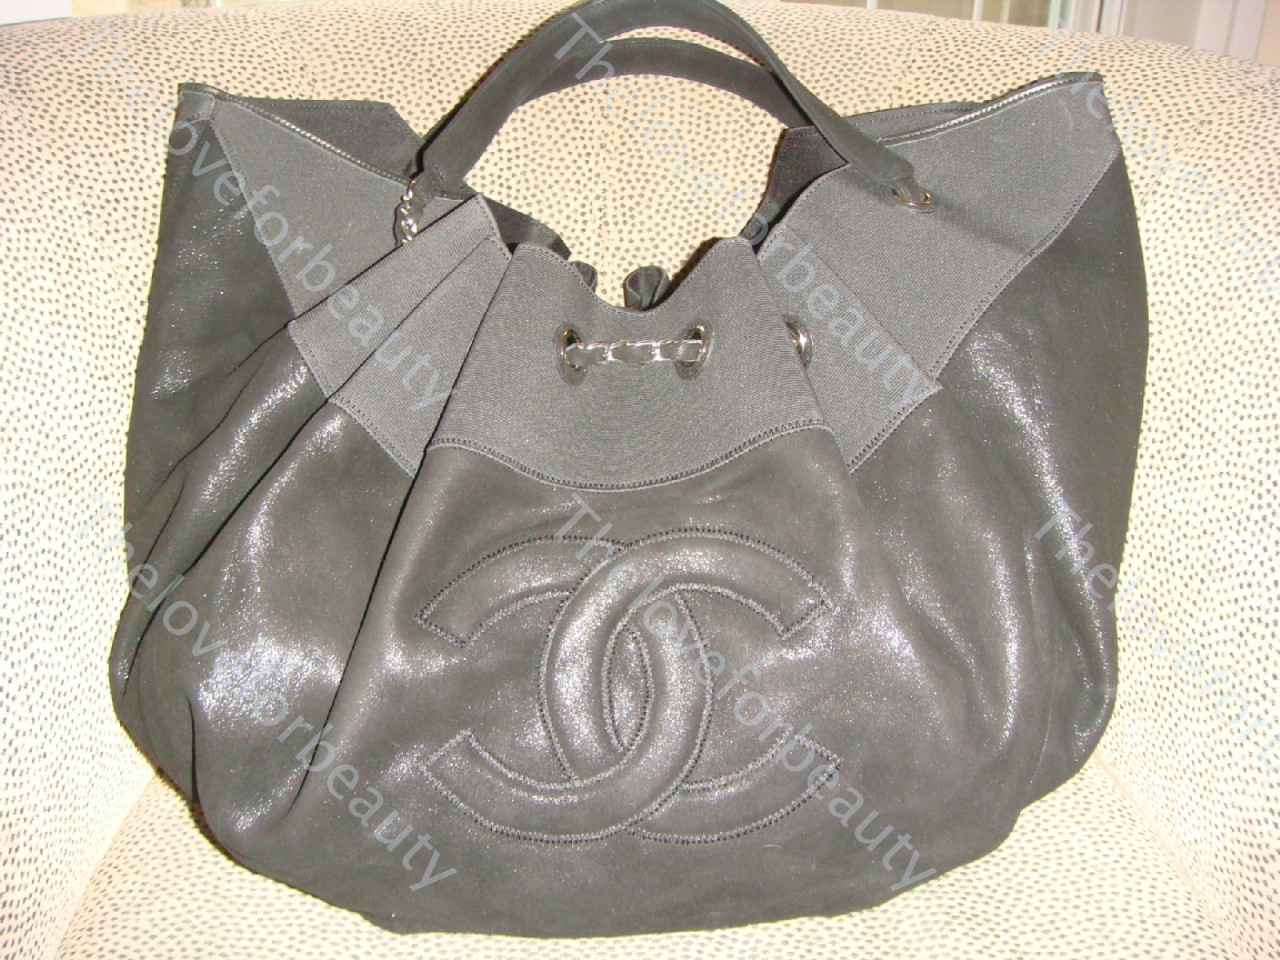 http://3.bp.blogspot.com/-SHTCDbPb62g/T9x0IXRwvMI/AAAAAAAATp0/sELtm2D6btM/s1600/Chanel+designer+handbags+%252816%2529.jpg